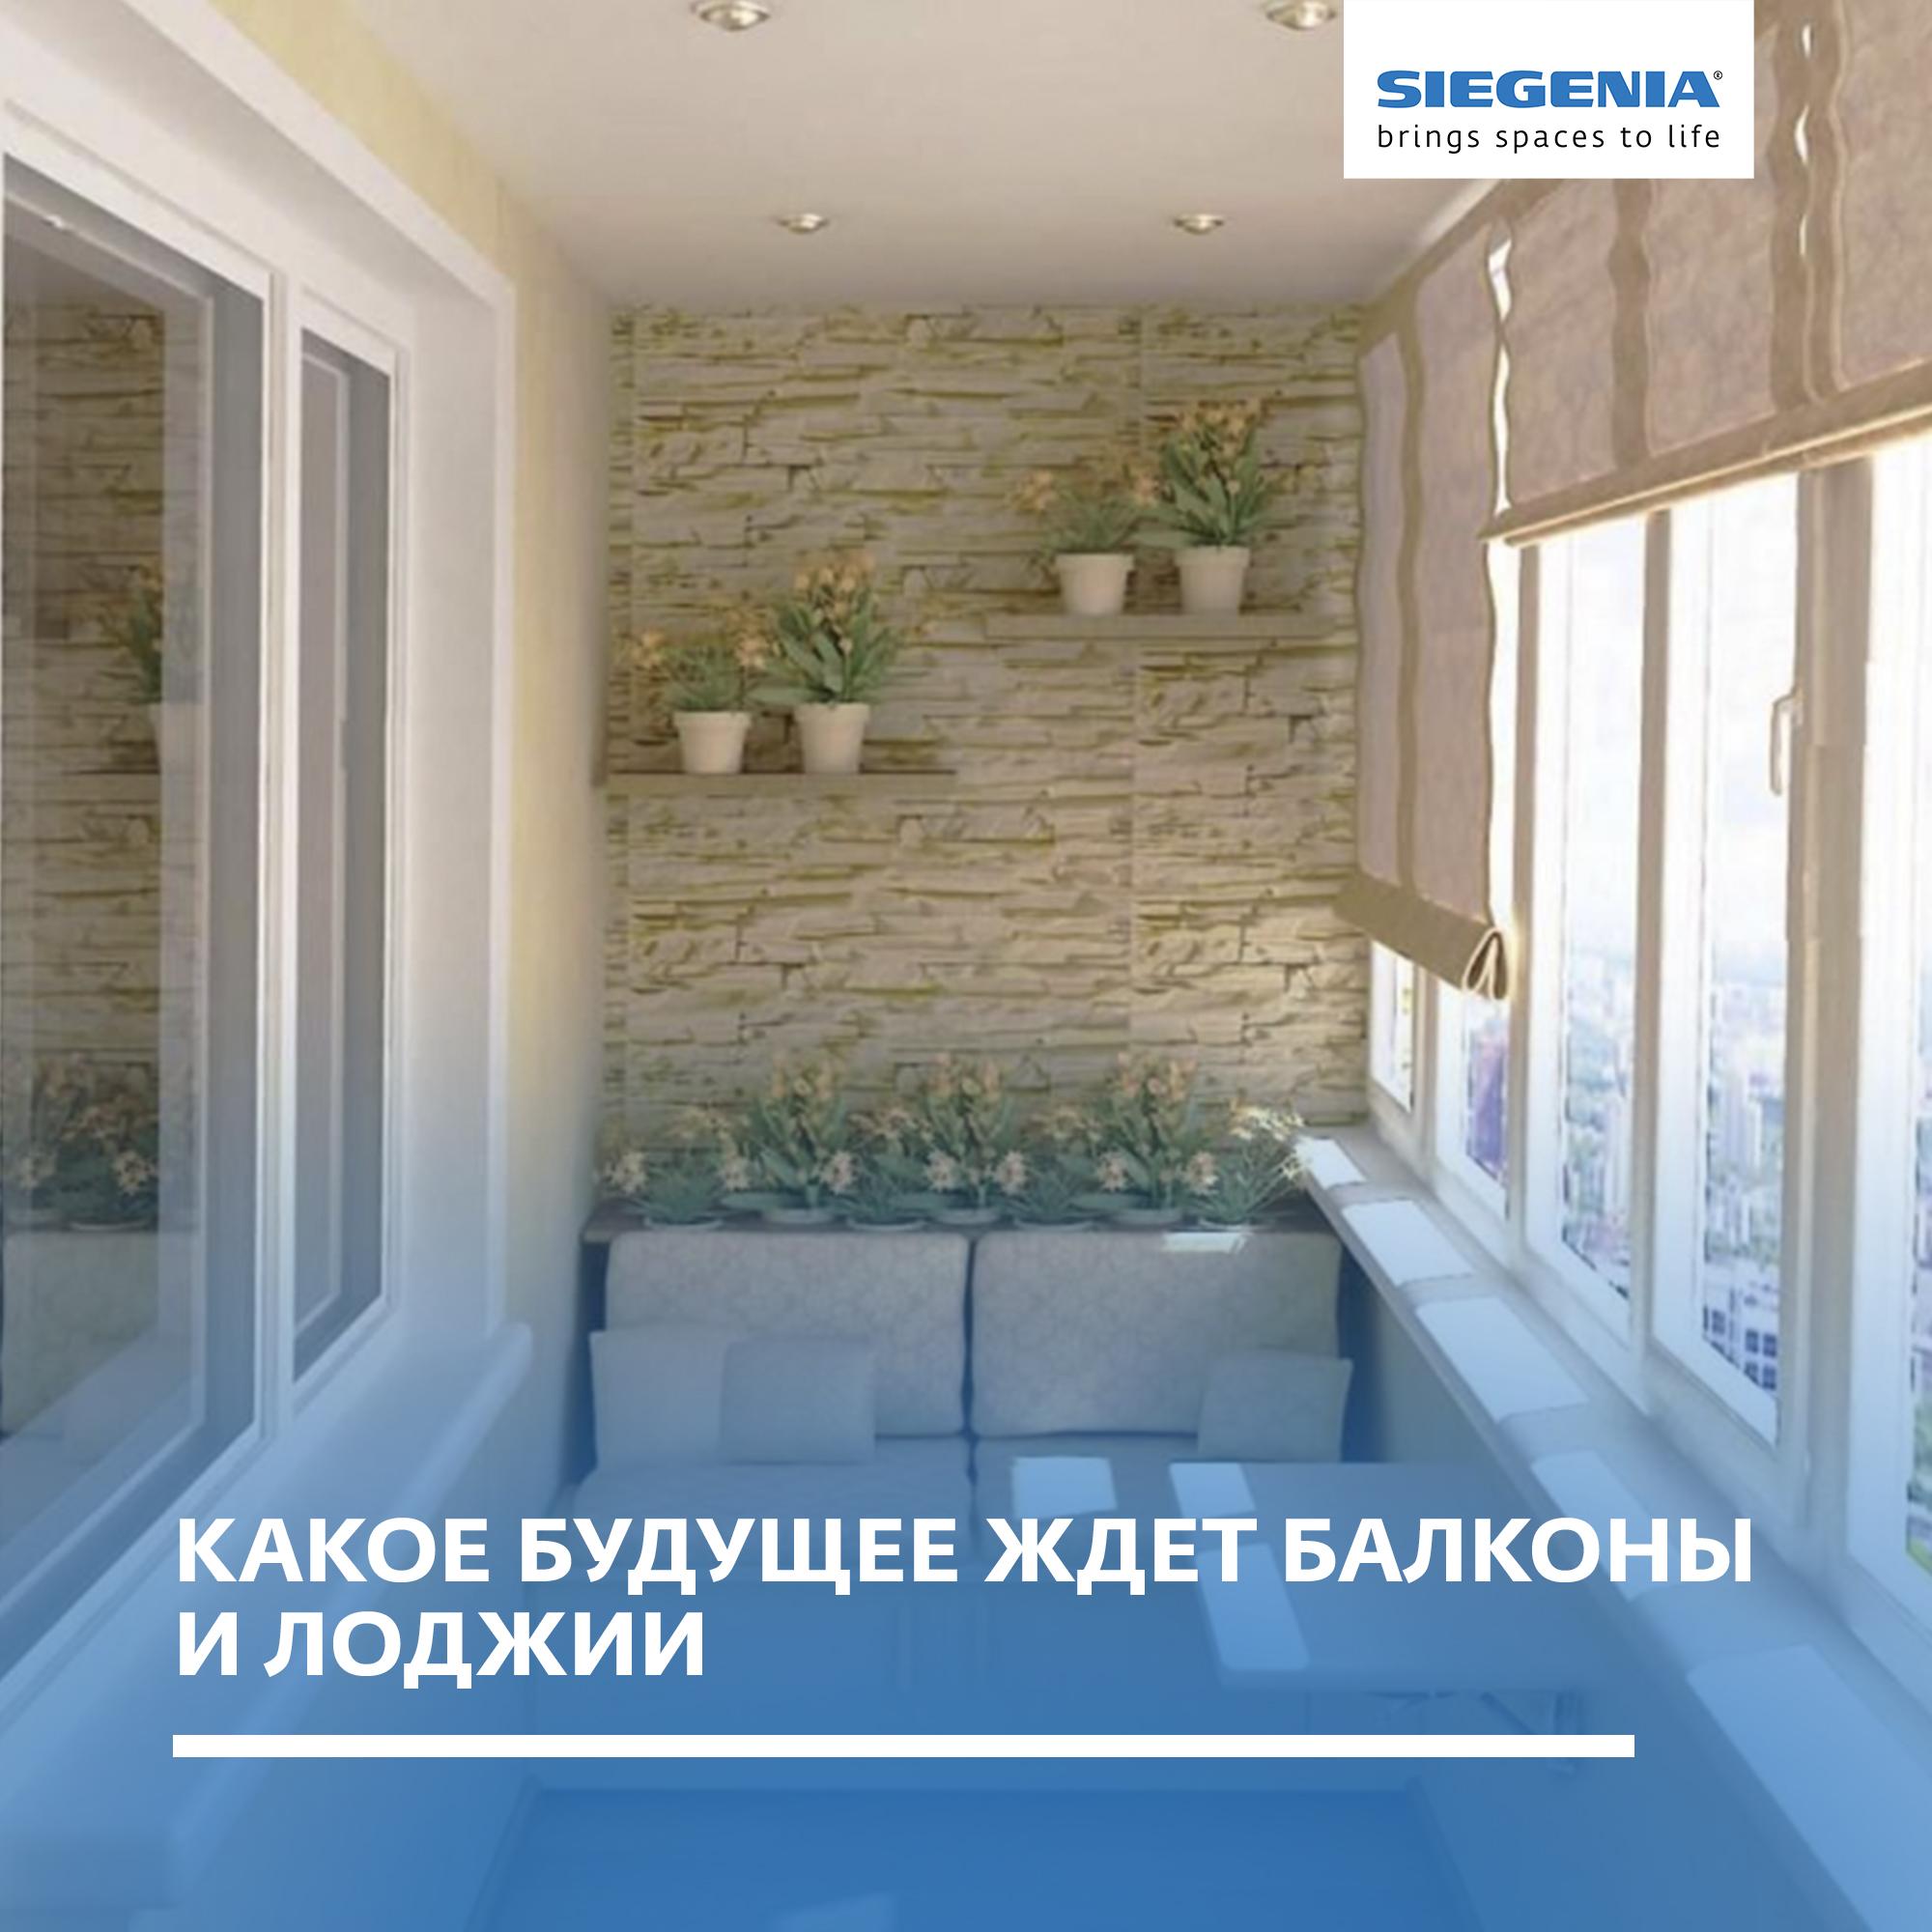 kakoe-budushchee-zhdet-balkony-i-lodzhii